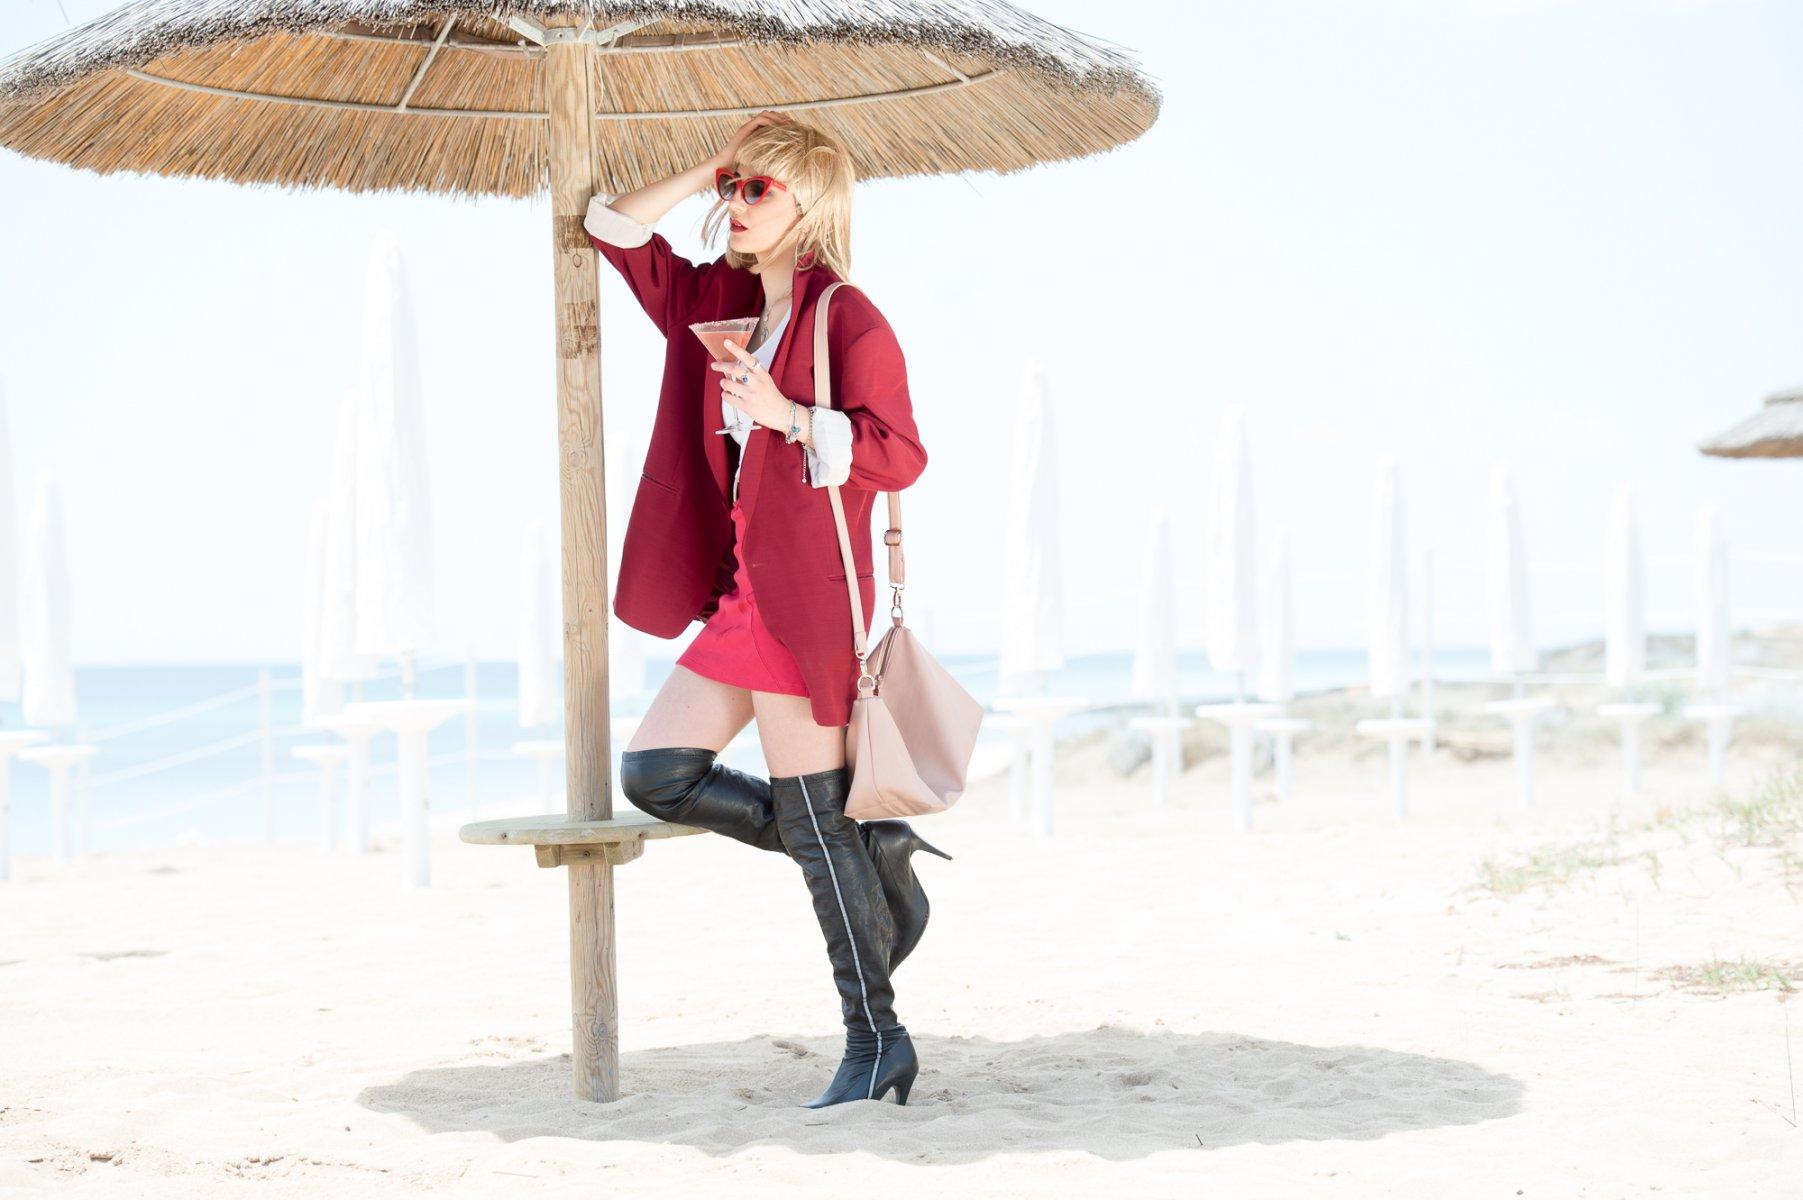 126i-Pretty_Woman_MMD8727 Fashion/Adv